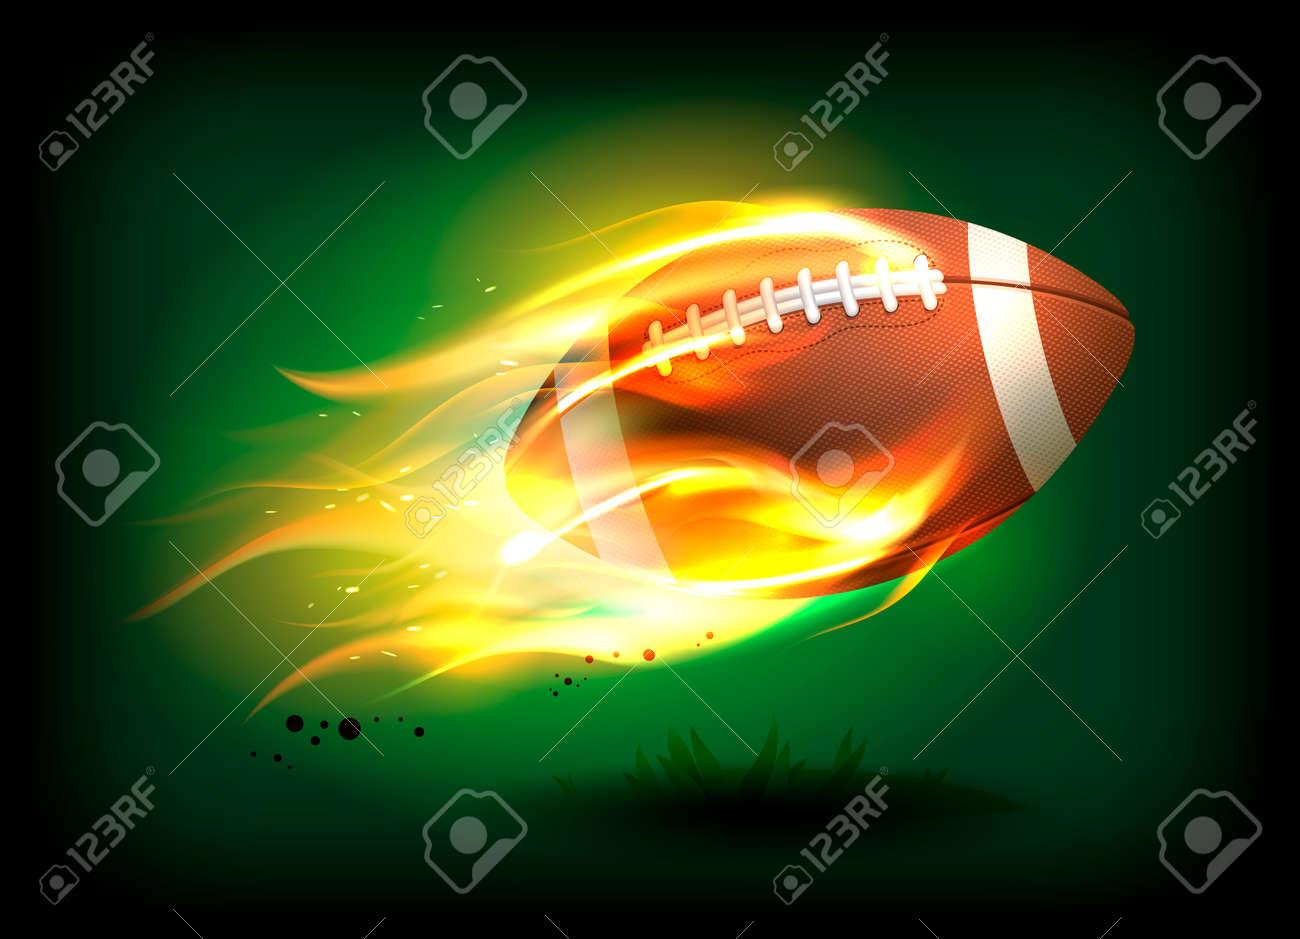 Foto de archivo - Ilustración de vector de una vieja pelota de rugby de  cuero clásico con cordones y costura en una llama ardiente 191e54fd82c2a